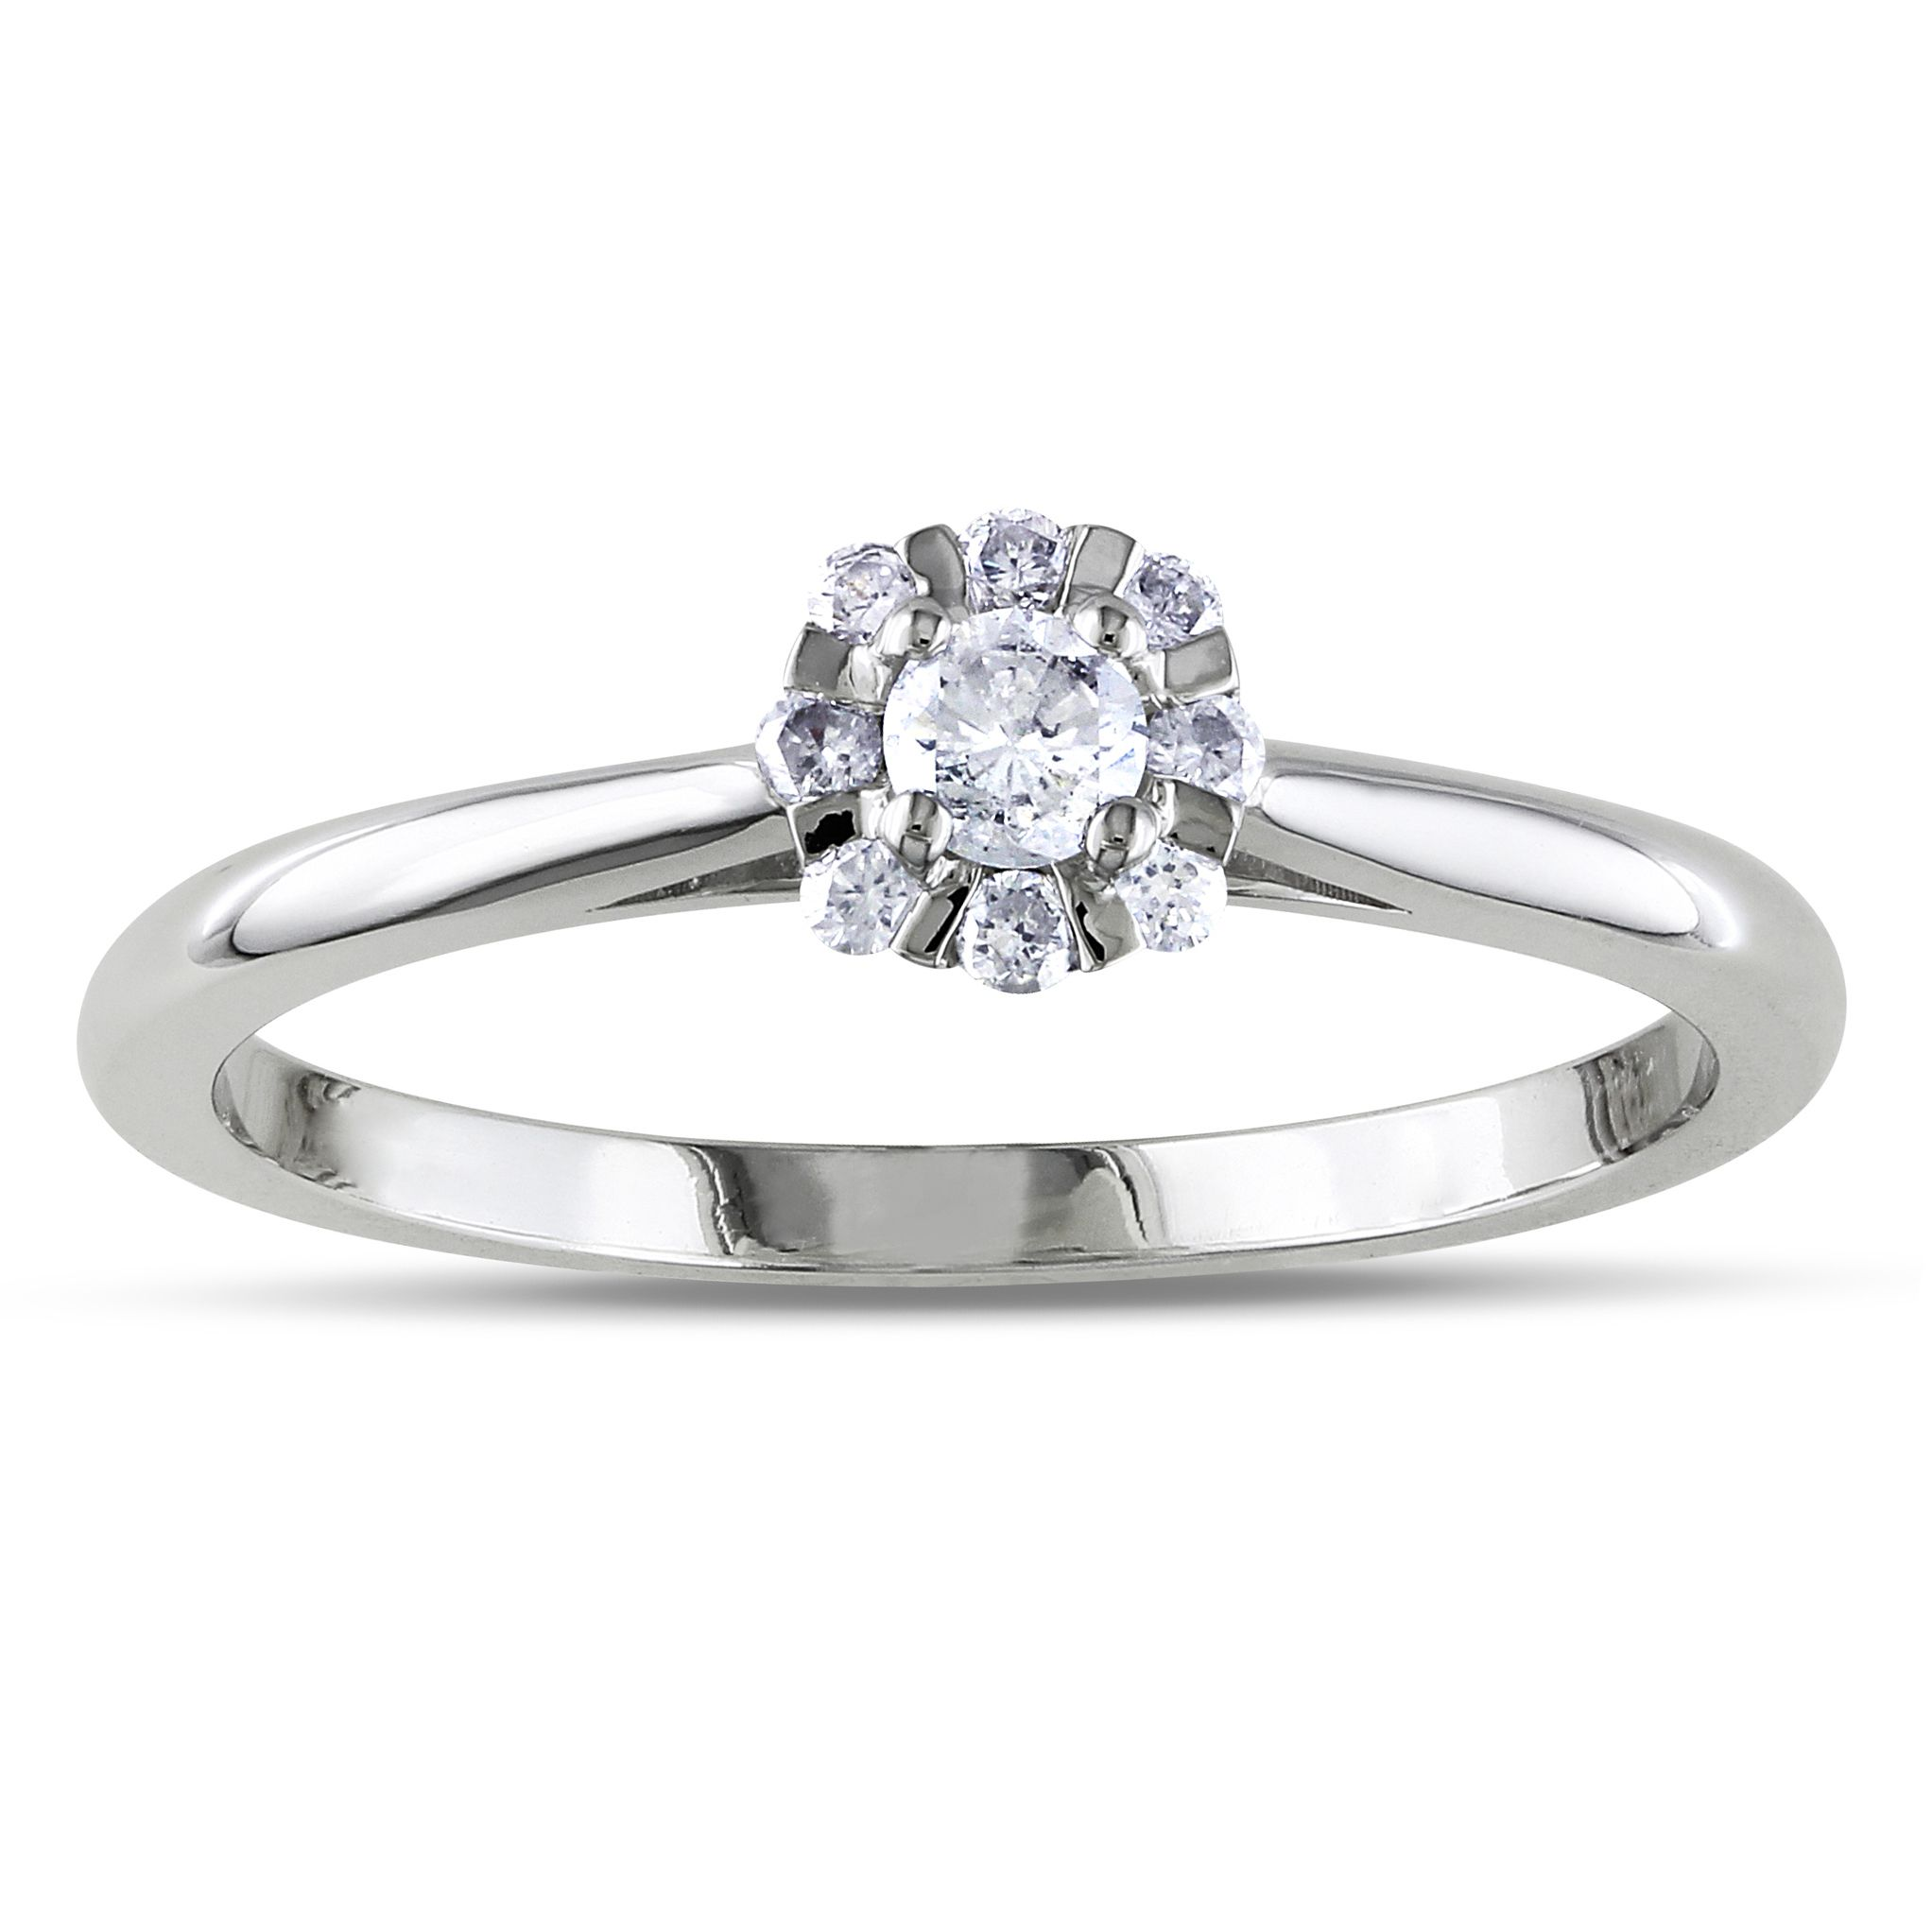 promise rings walmart   Promise ring walmart   Pinterest ...